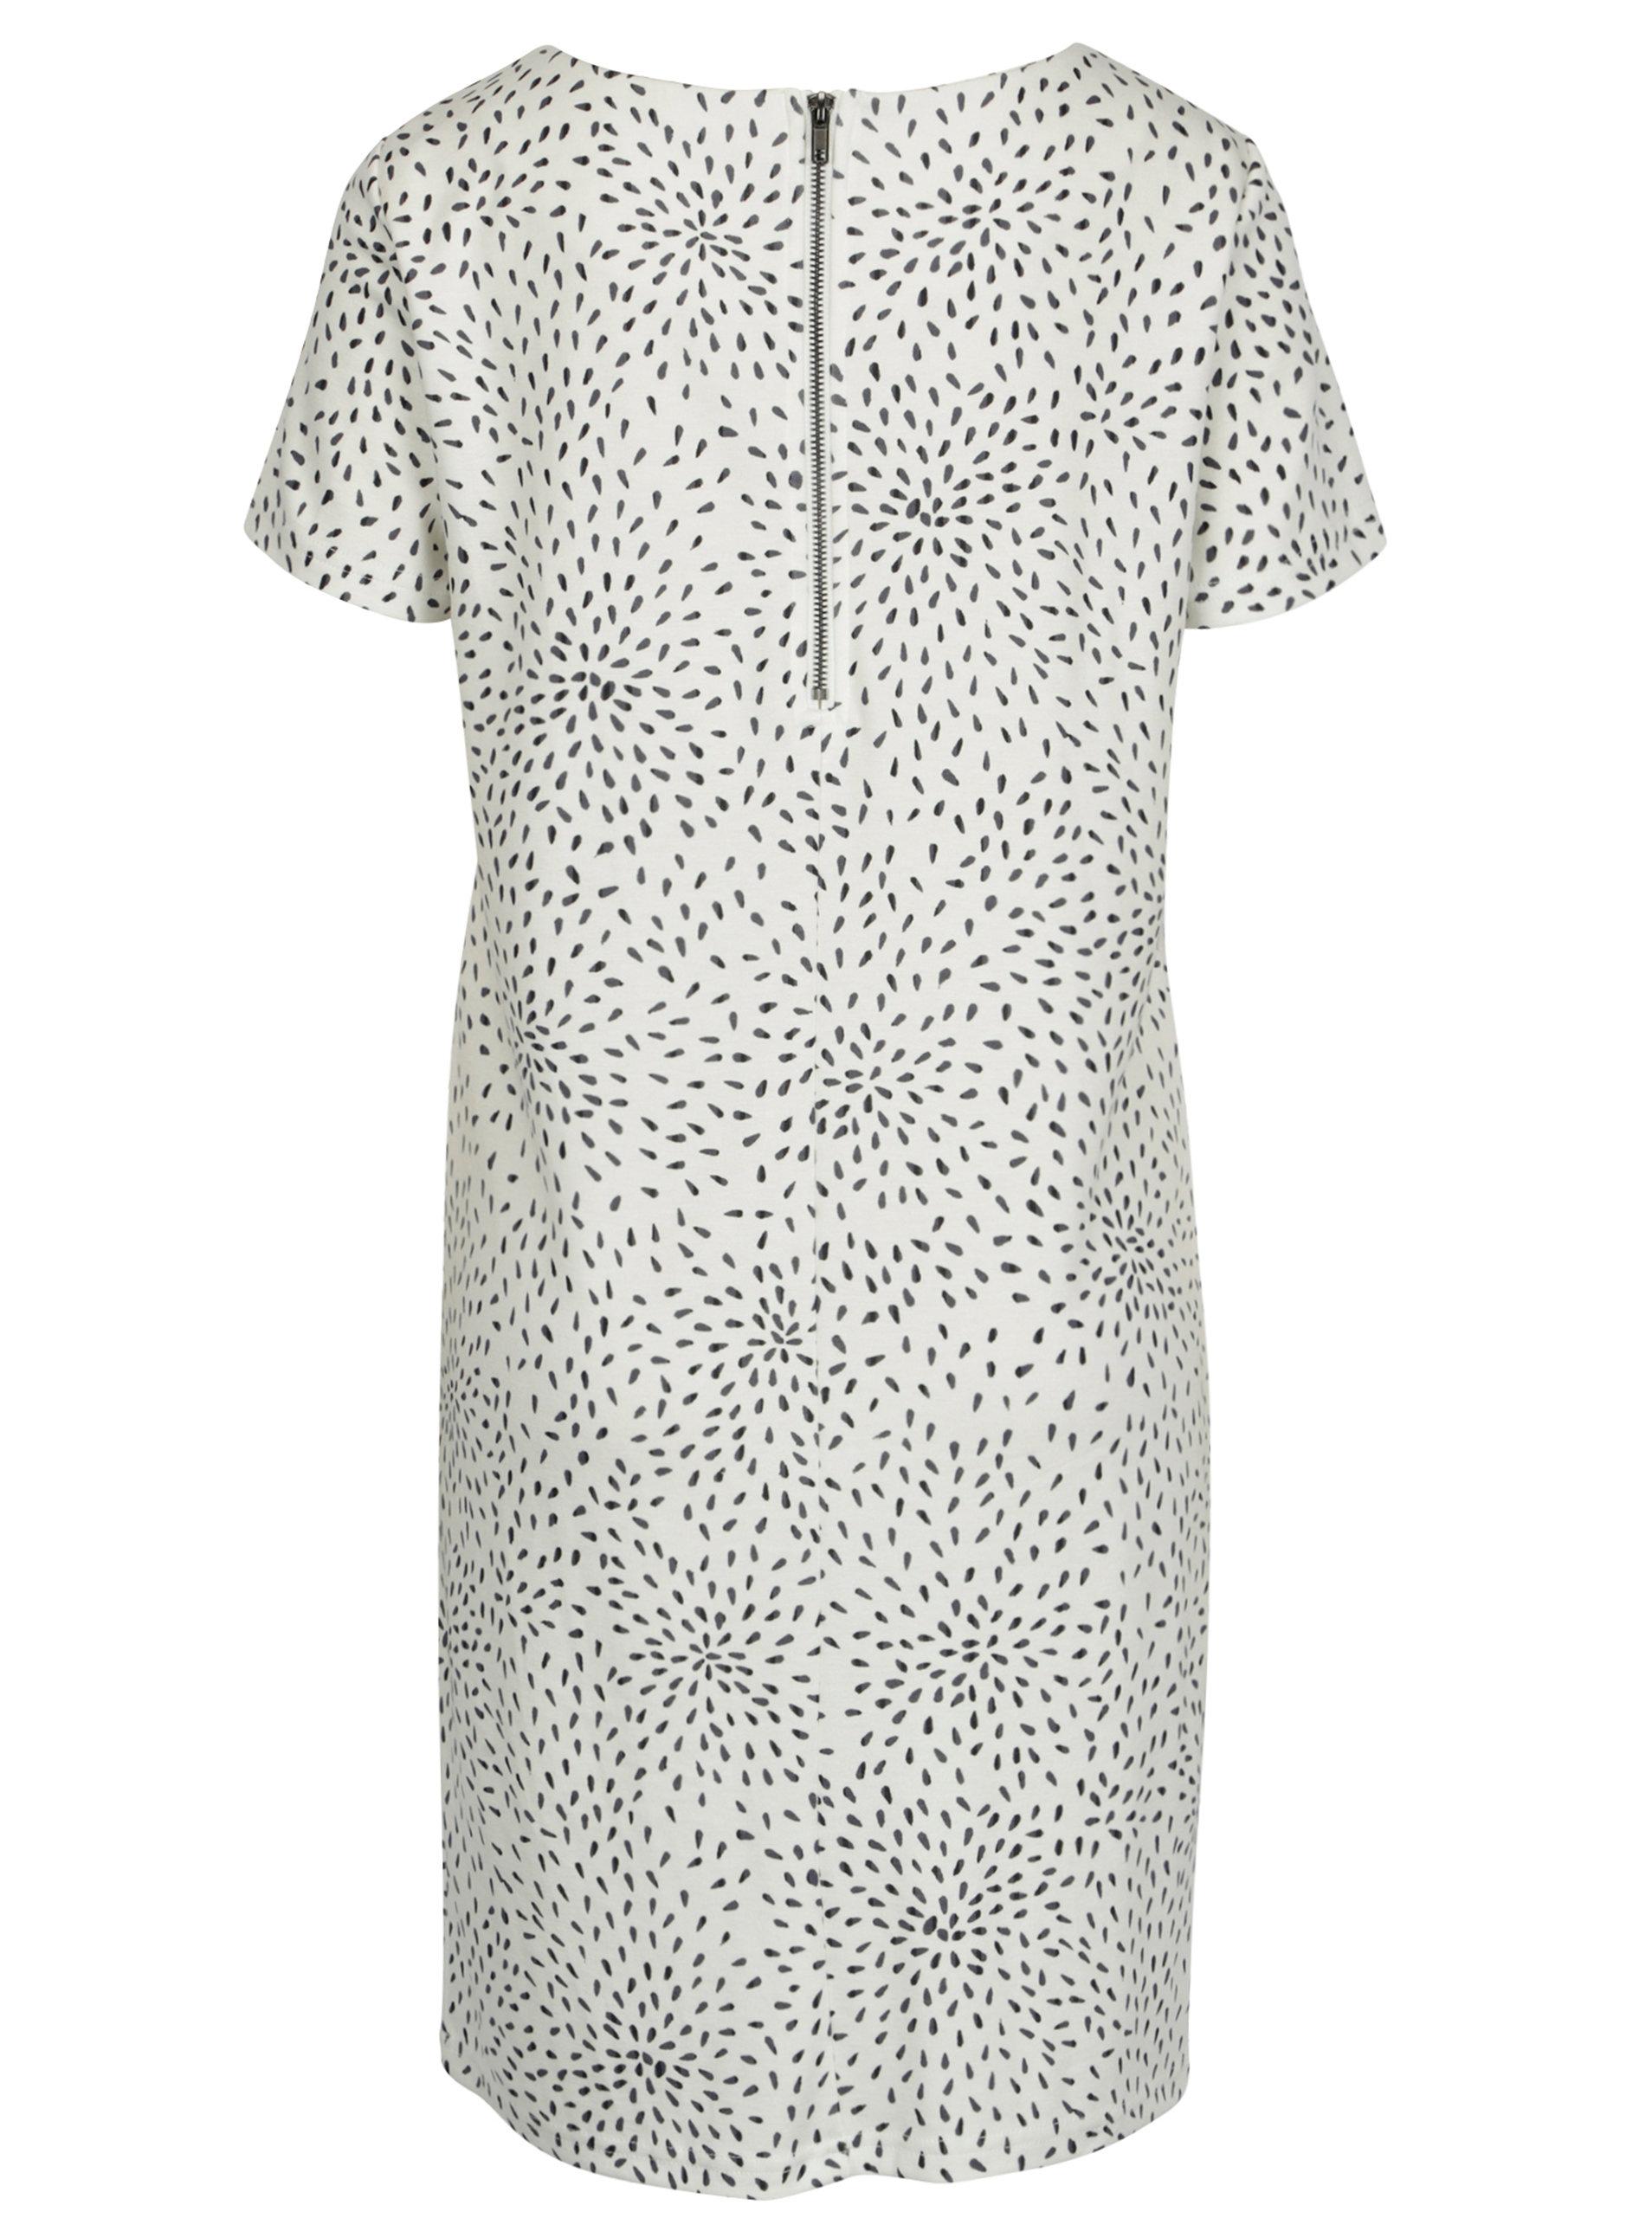 2077bff7cd75 Krémové vzorované šaty s krátkým rukávem VILA Tinny ...